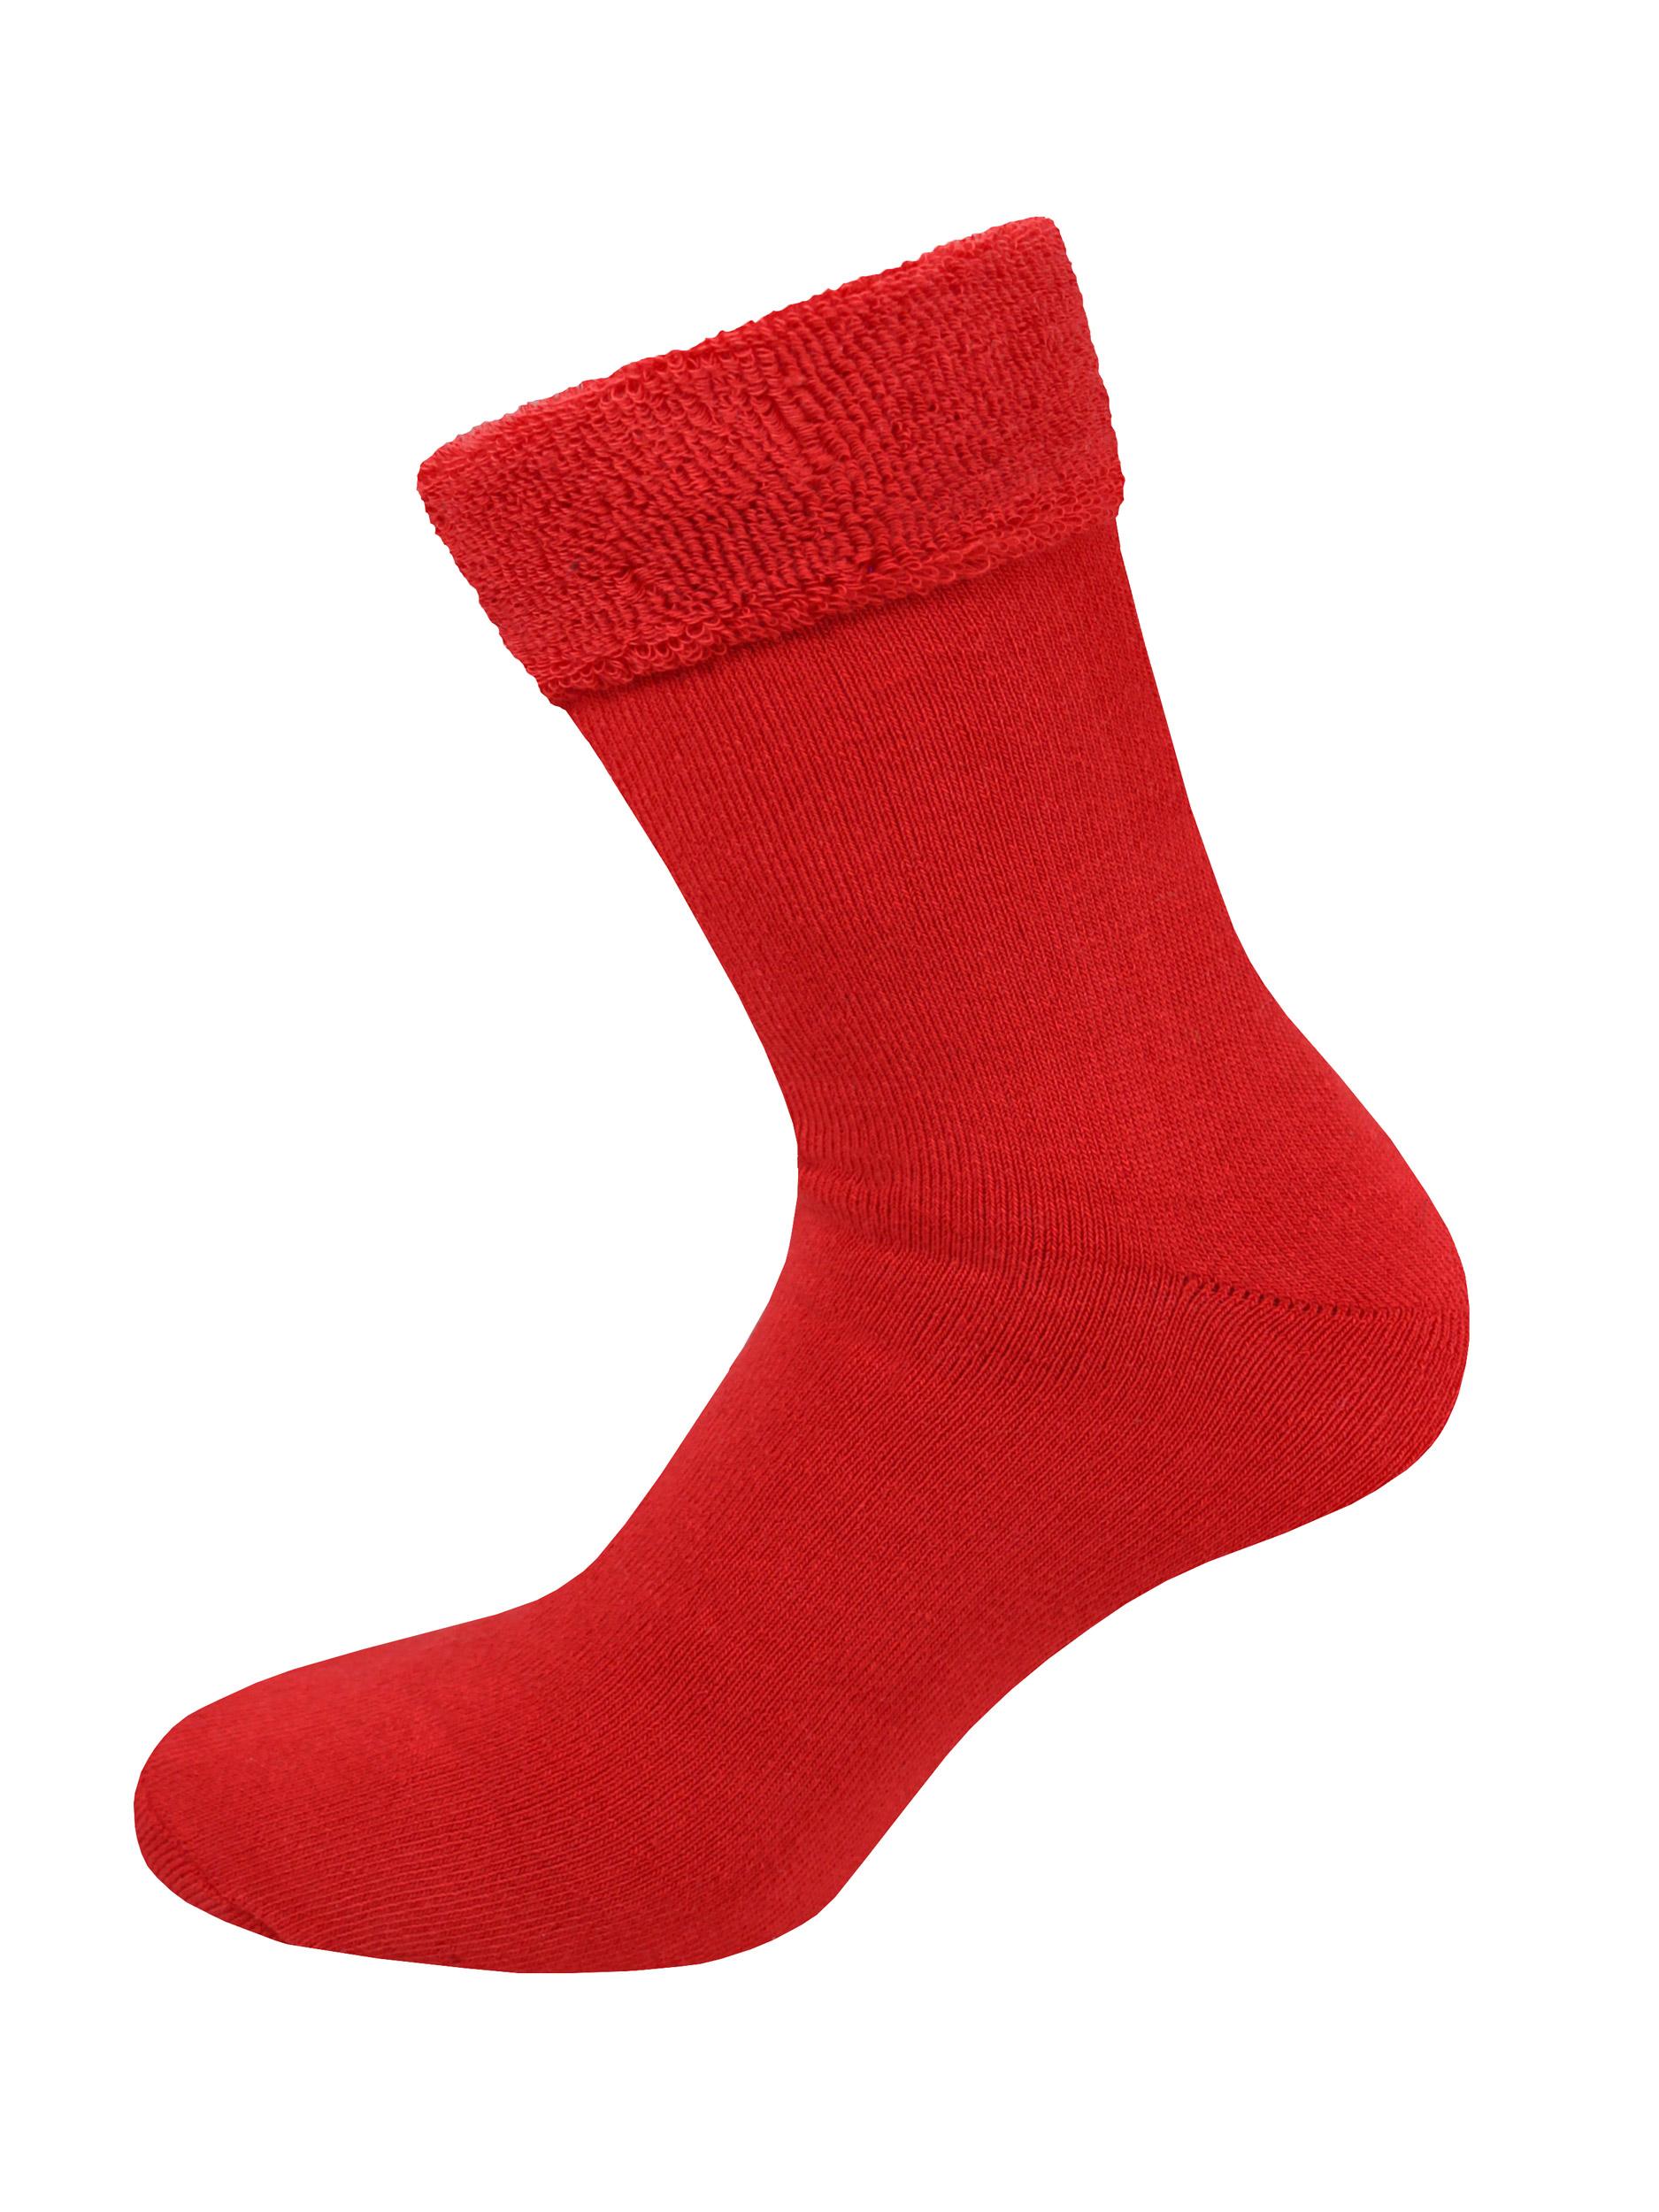 Носки мужские LUI MN 9119 угги красные